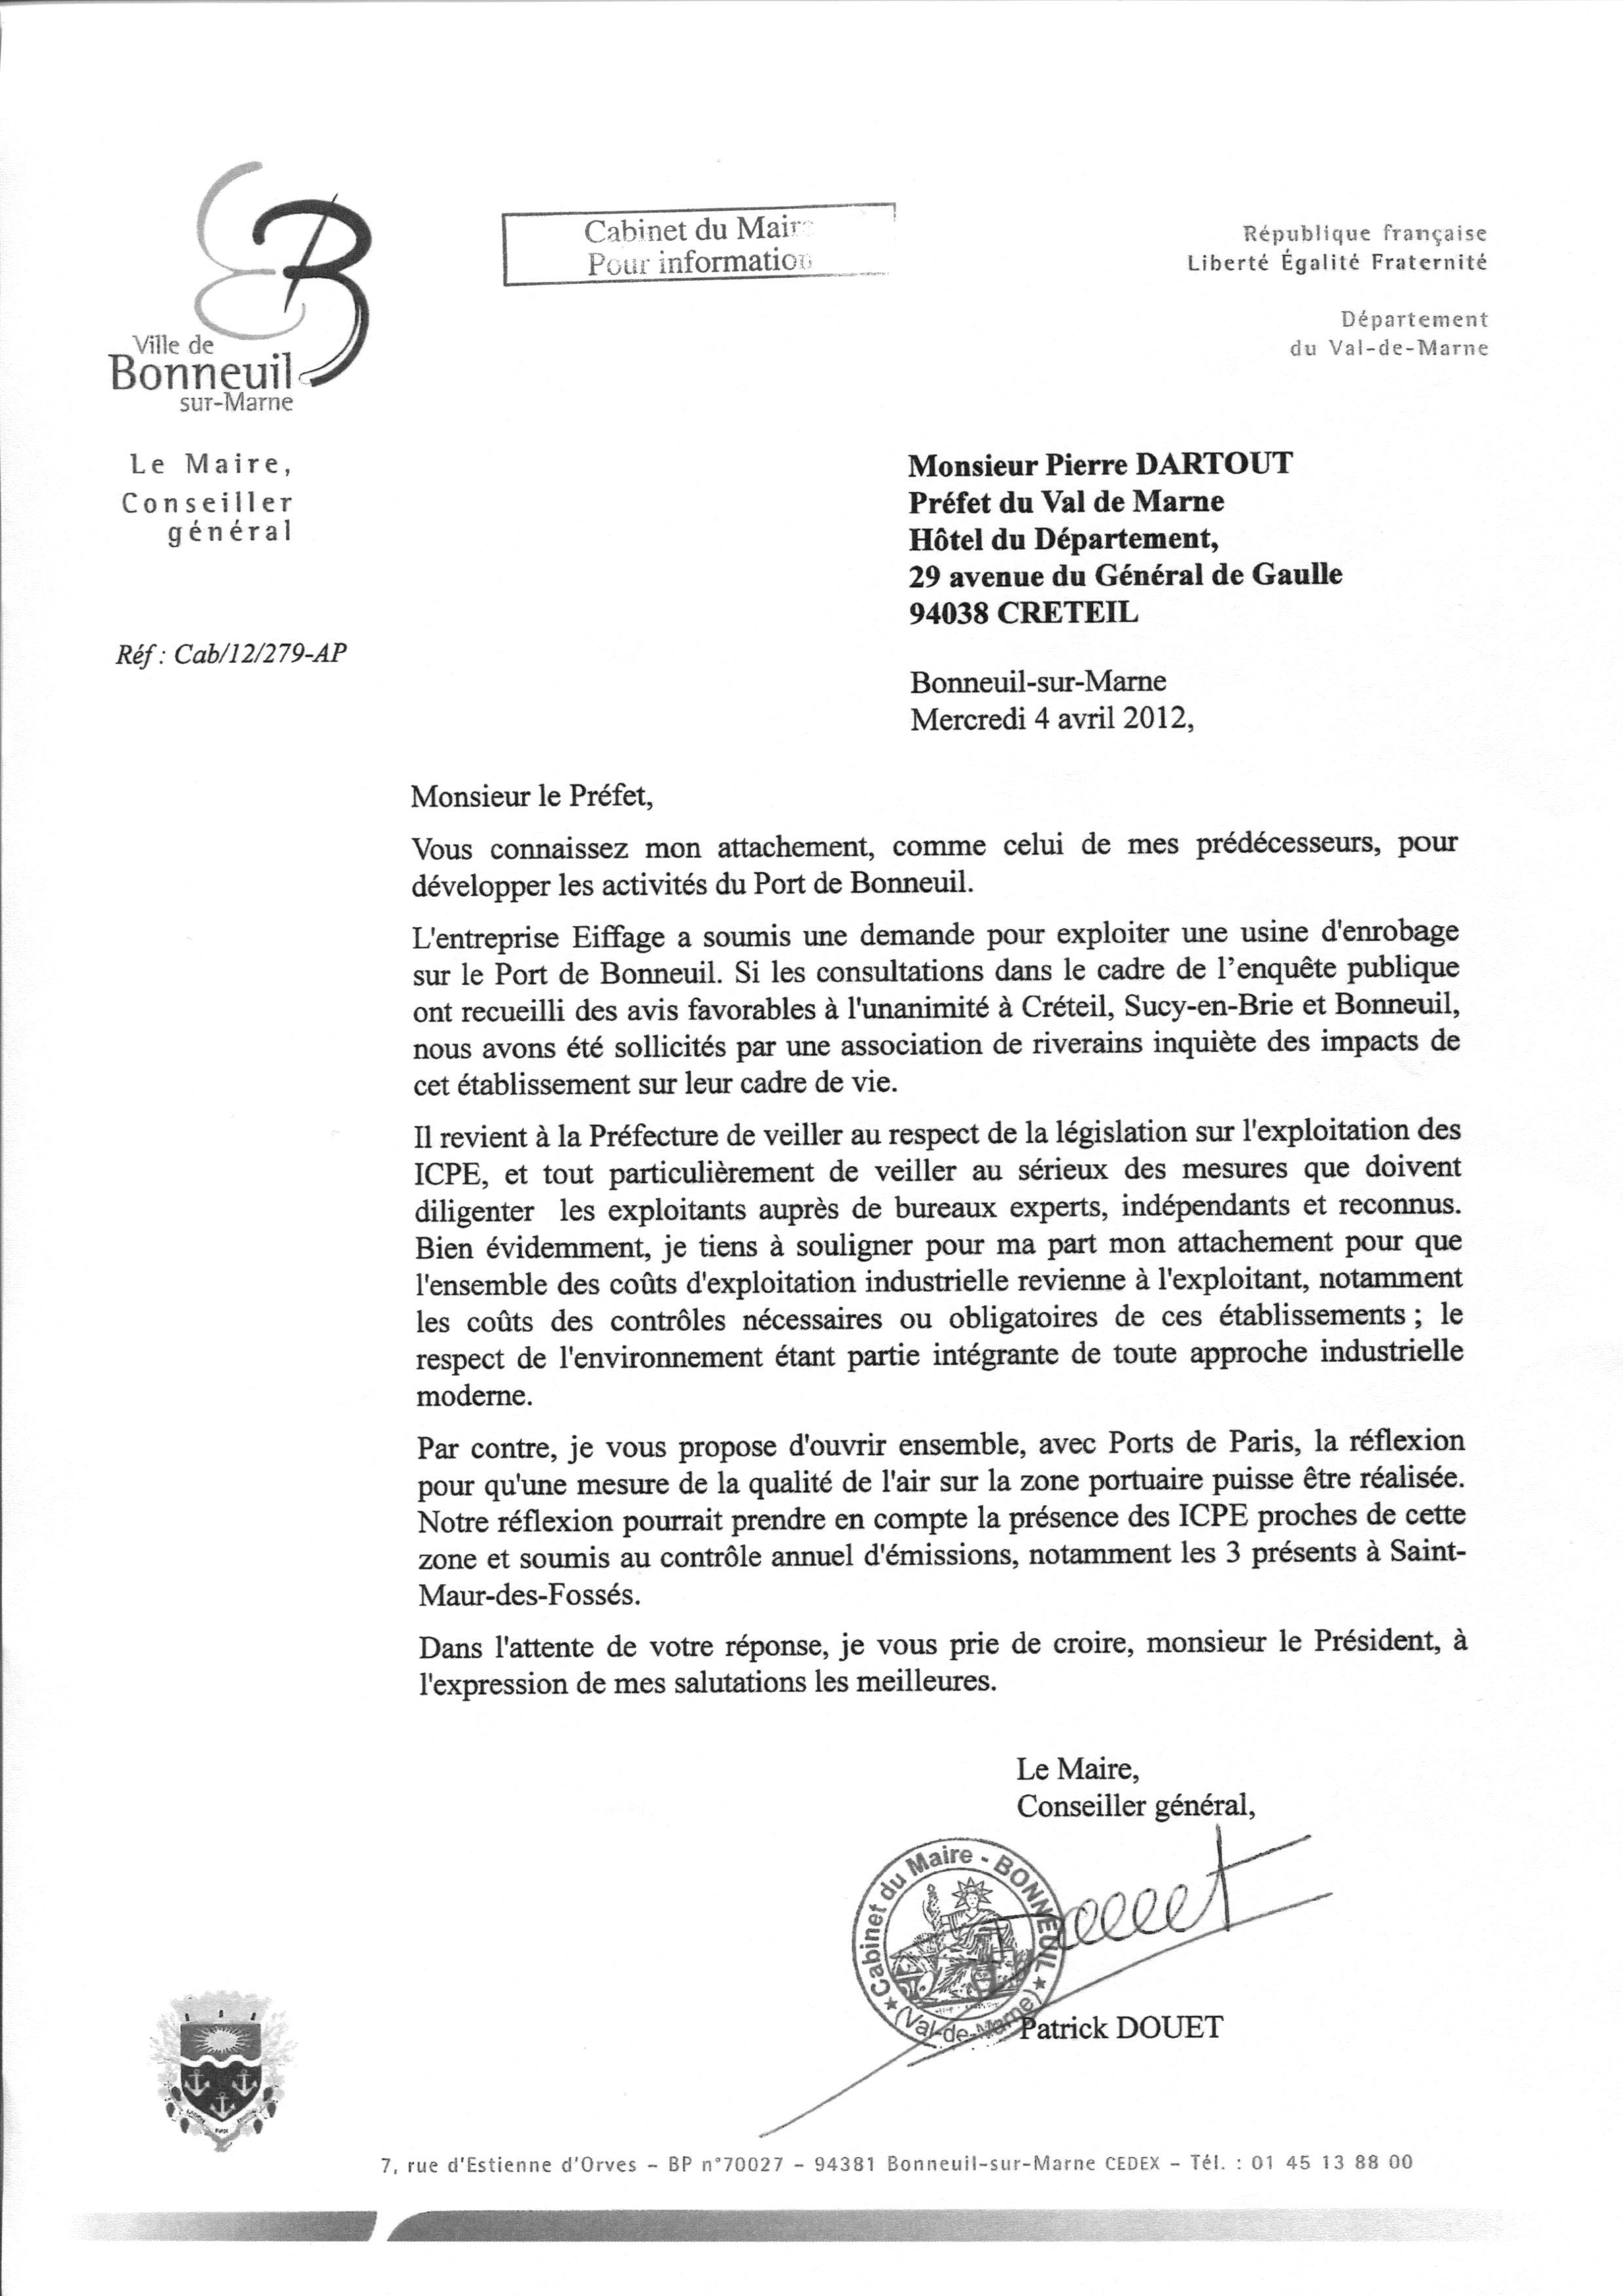 Modele de lettre d'invitation pour l'obtention d'un visa